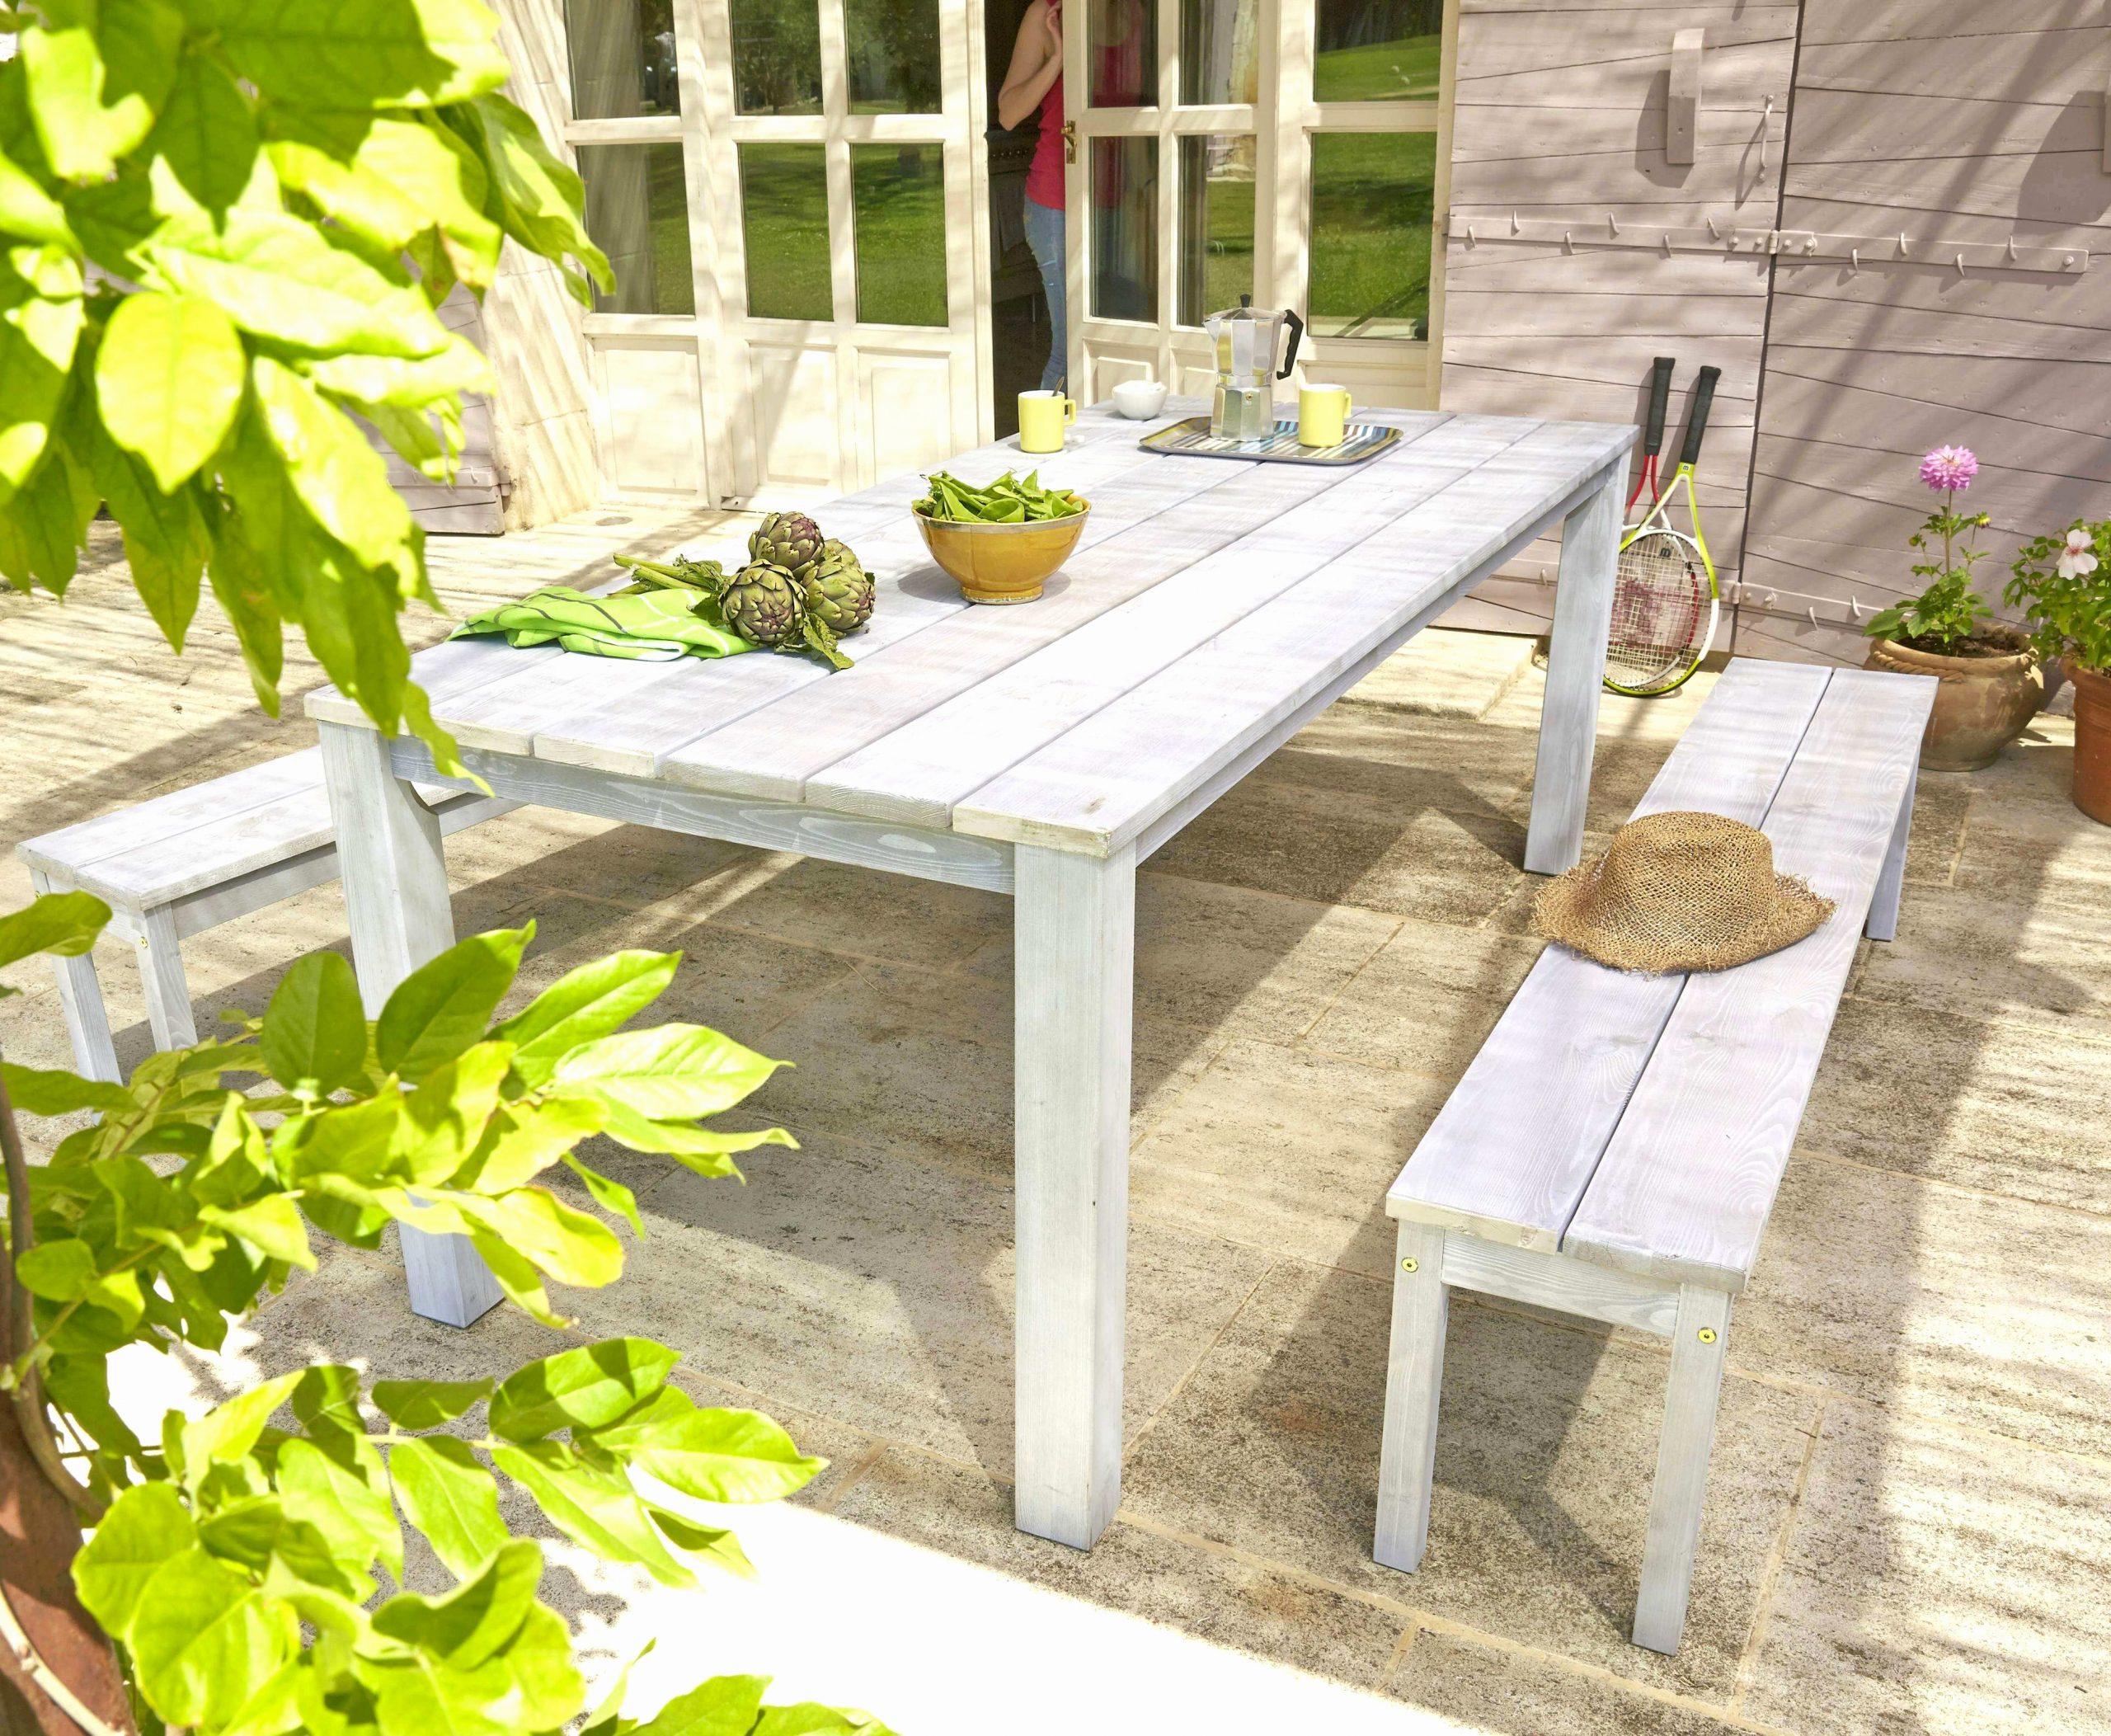 Salon De Jardin Intermarche 2018 Luxe Inspirational ... intérieur Salon De Jardin Intermarché